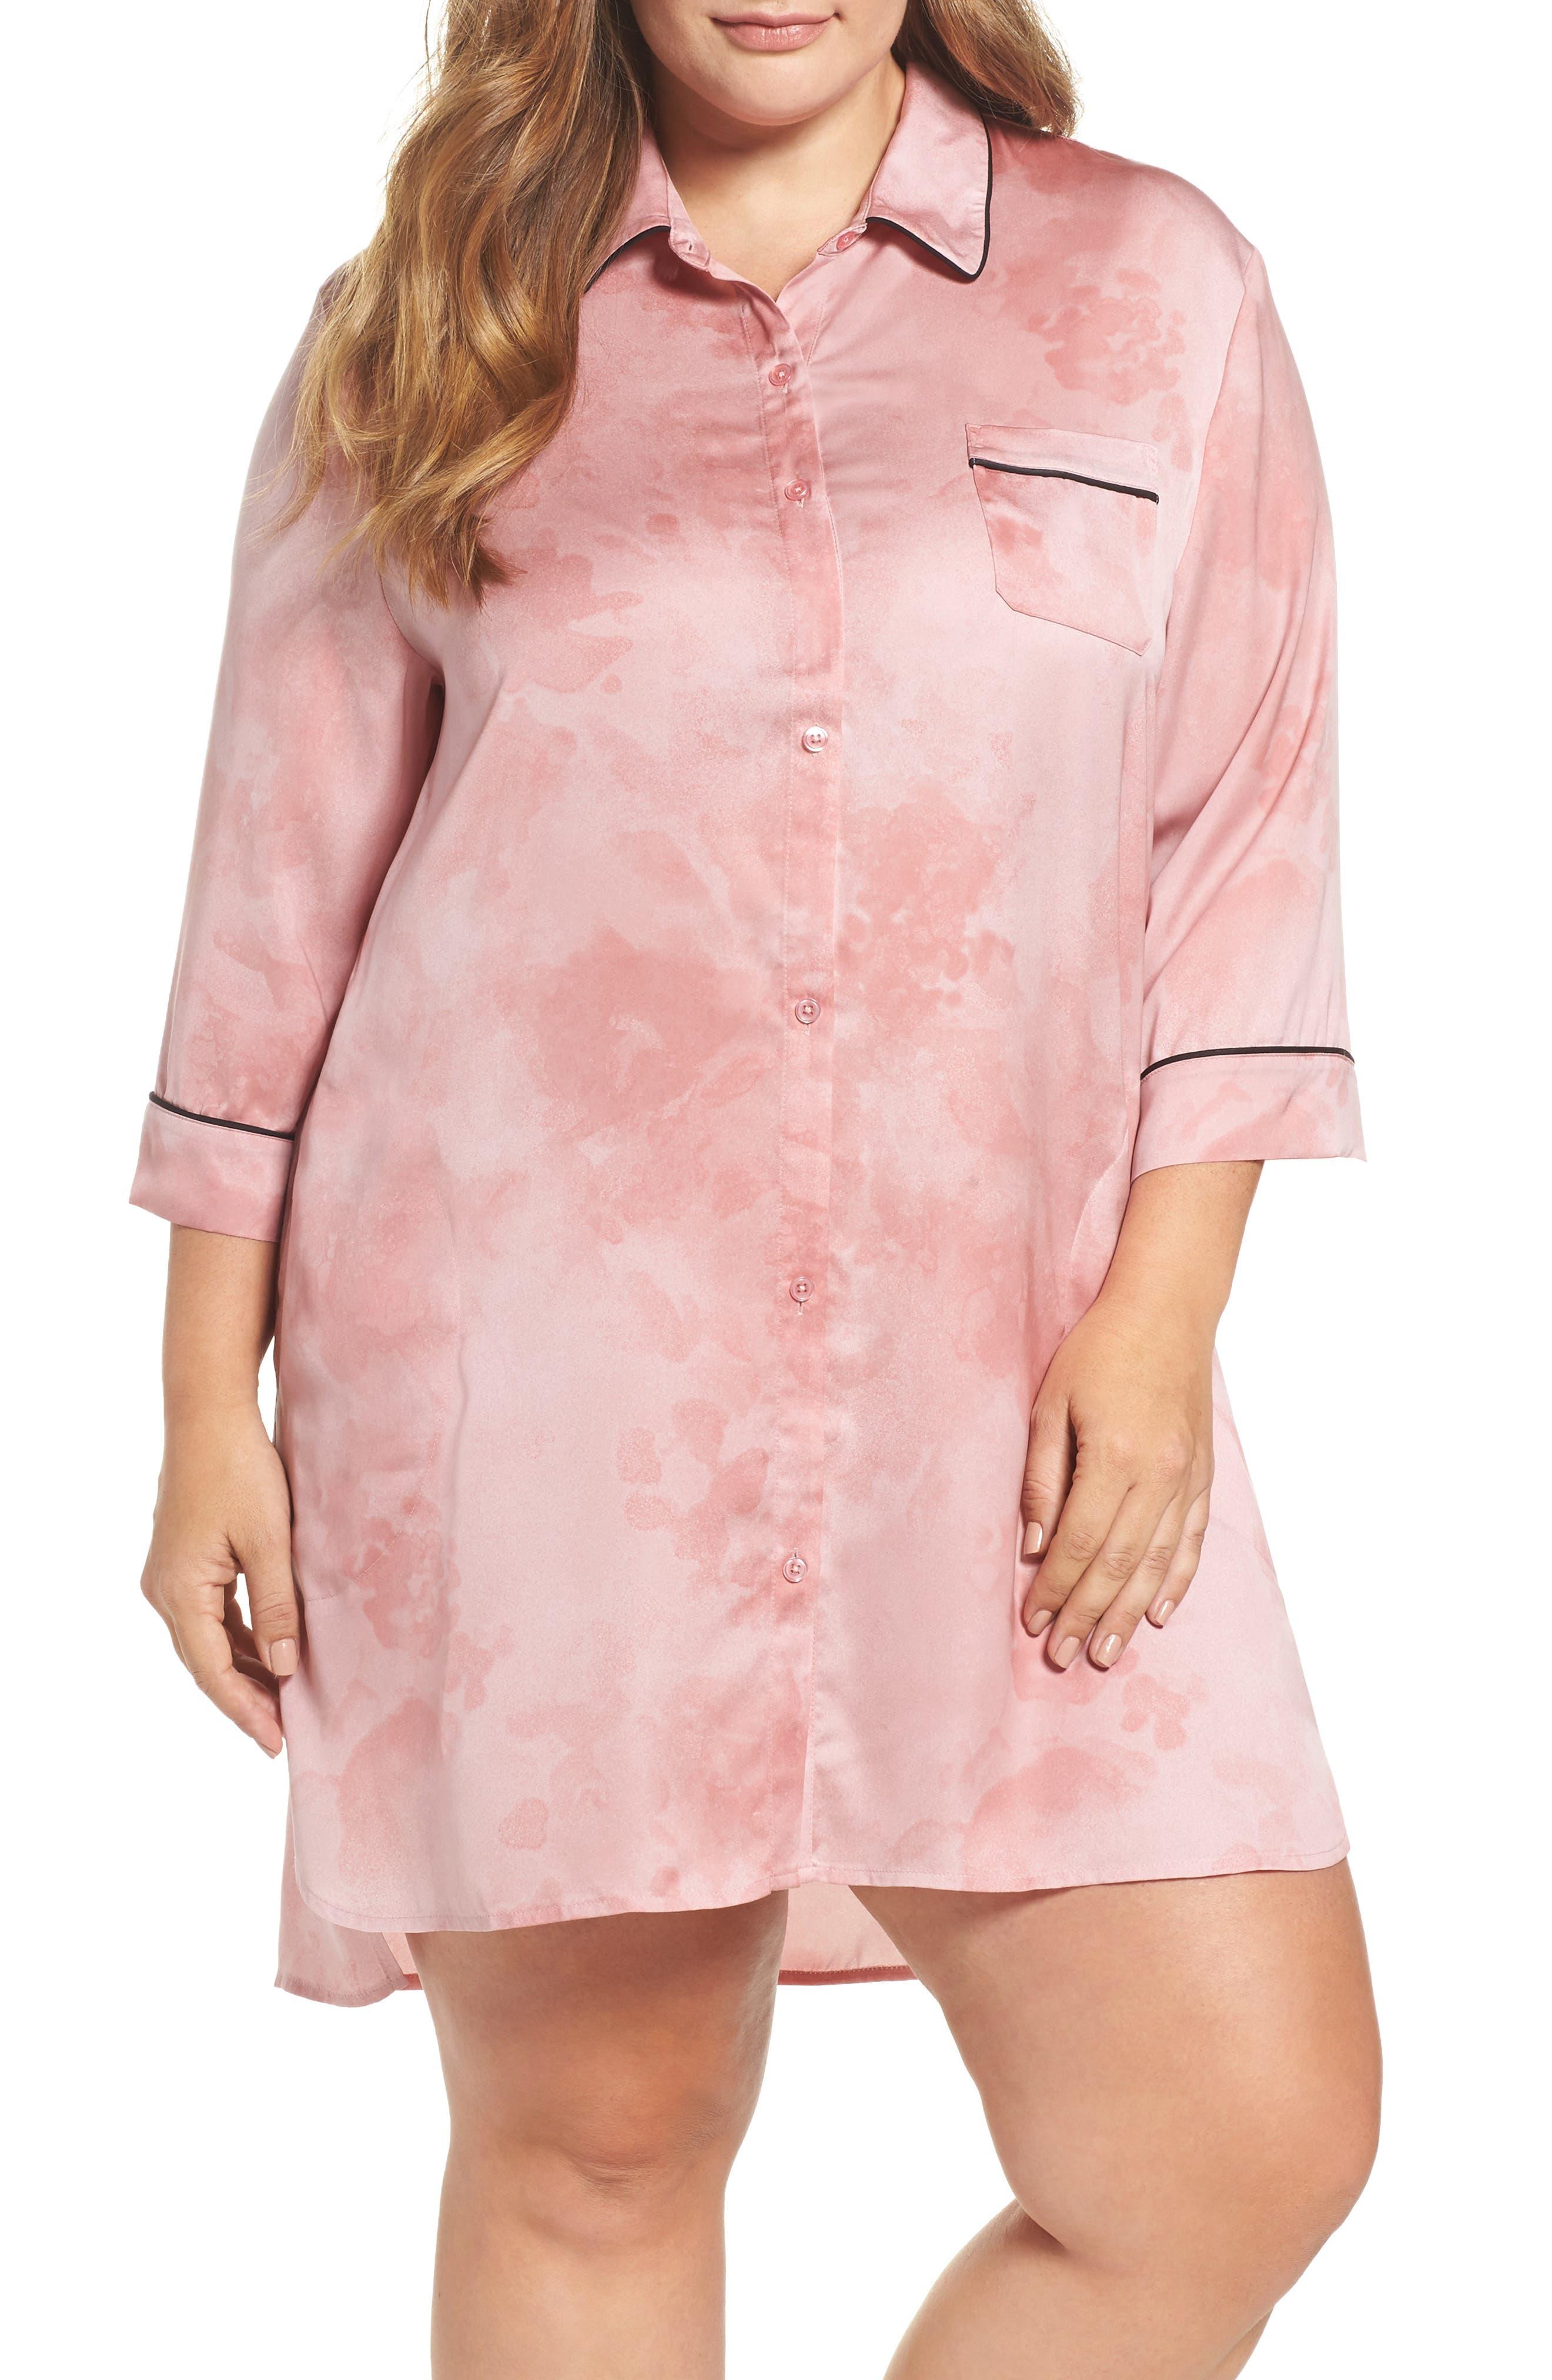 Washed Satin Sleep Shirt,                             Main thumbnail 1, color,                             Pink Floral